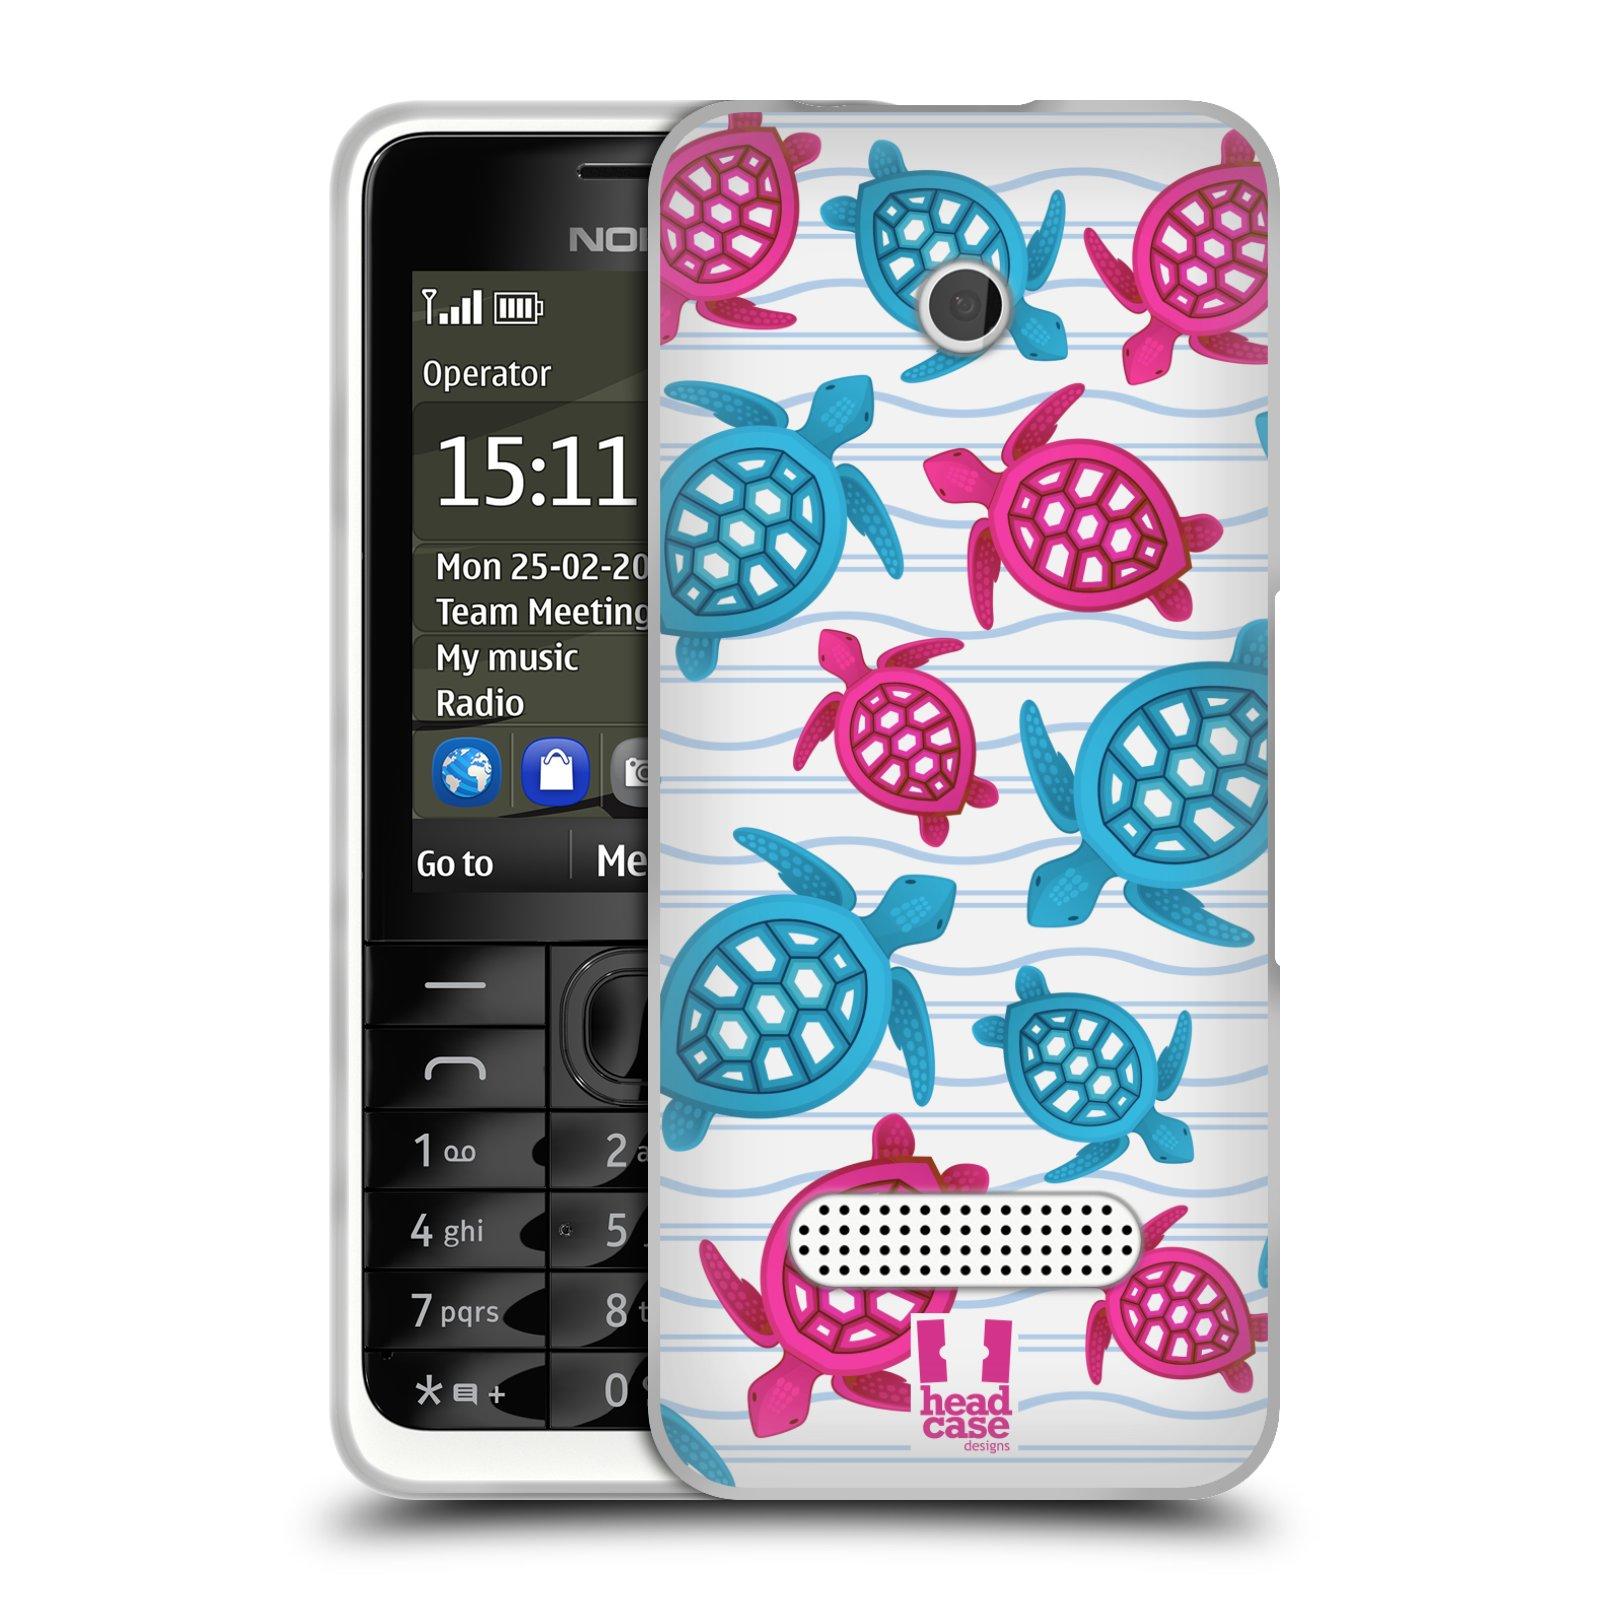 HEAD CASE silikonový obal na mobil NOKIA 301 vzor mořský živočich želva modrá a růžová